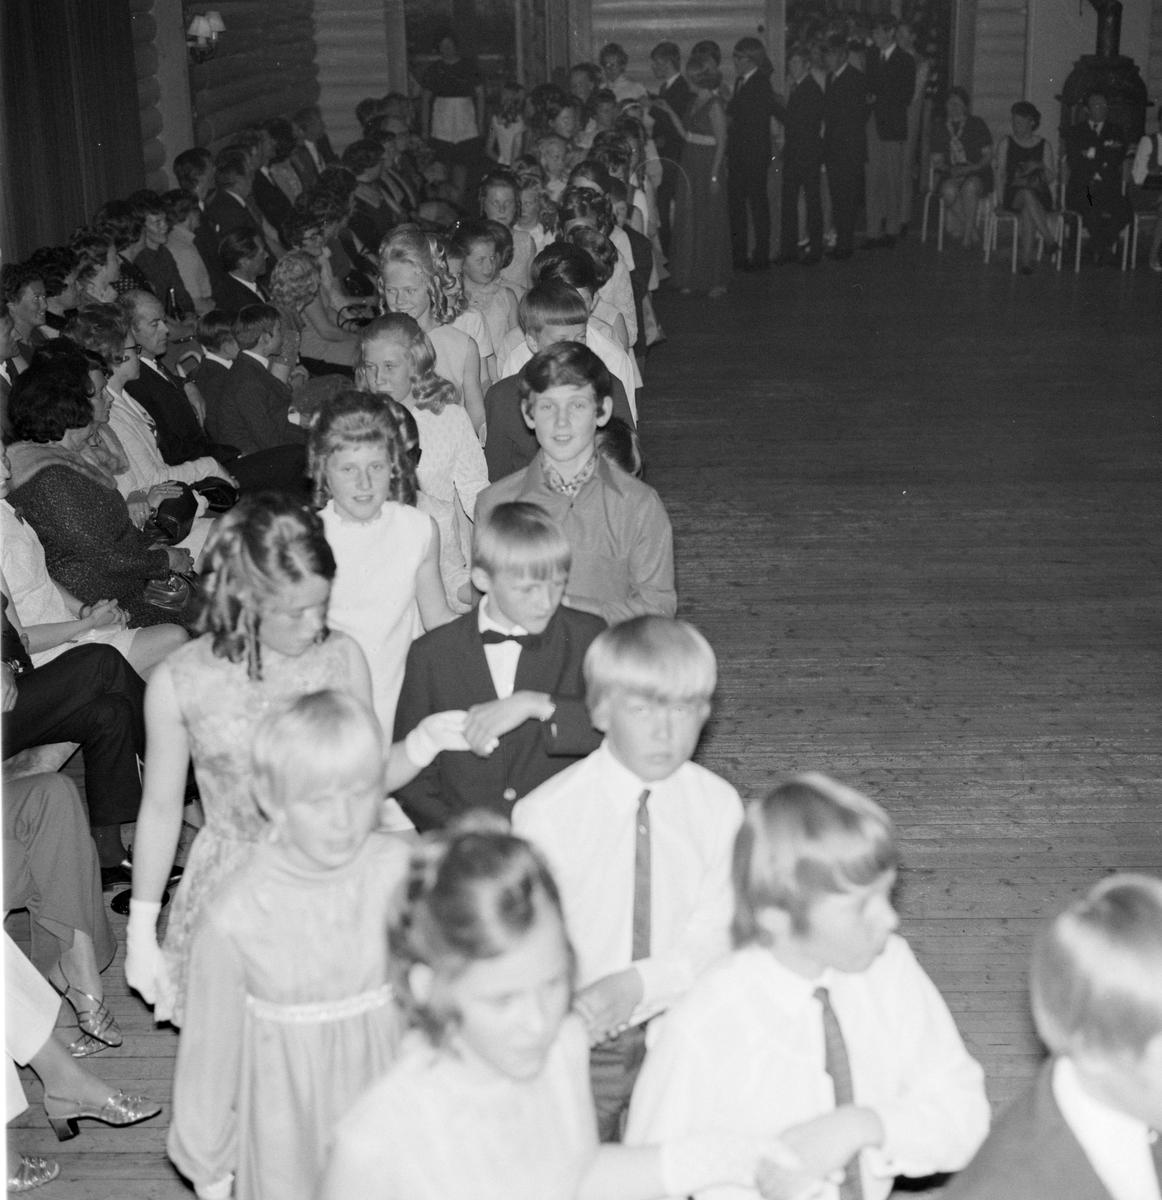 Danseskolen på Veldrom, Veldre, Byflaten. Dans, ball, barn.